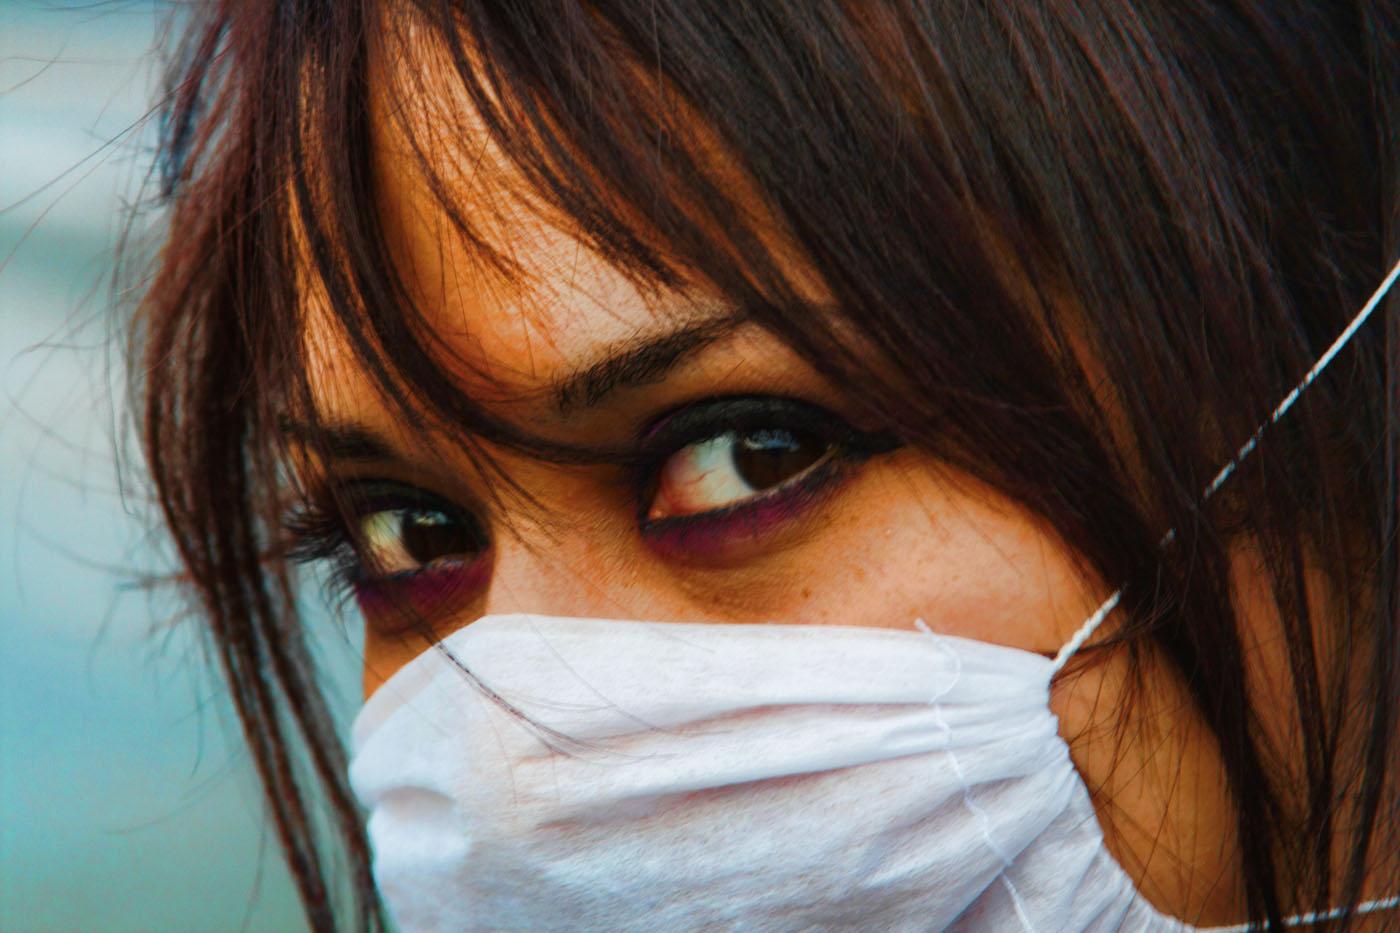 Gripe: Santa Catarina registra 418 casos de gripe e 32 mortes por Influenza, segundo Governo